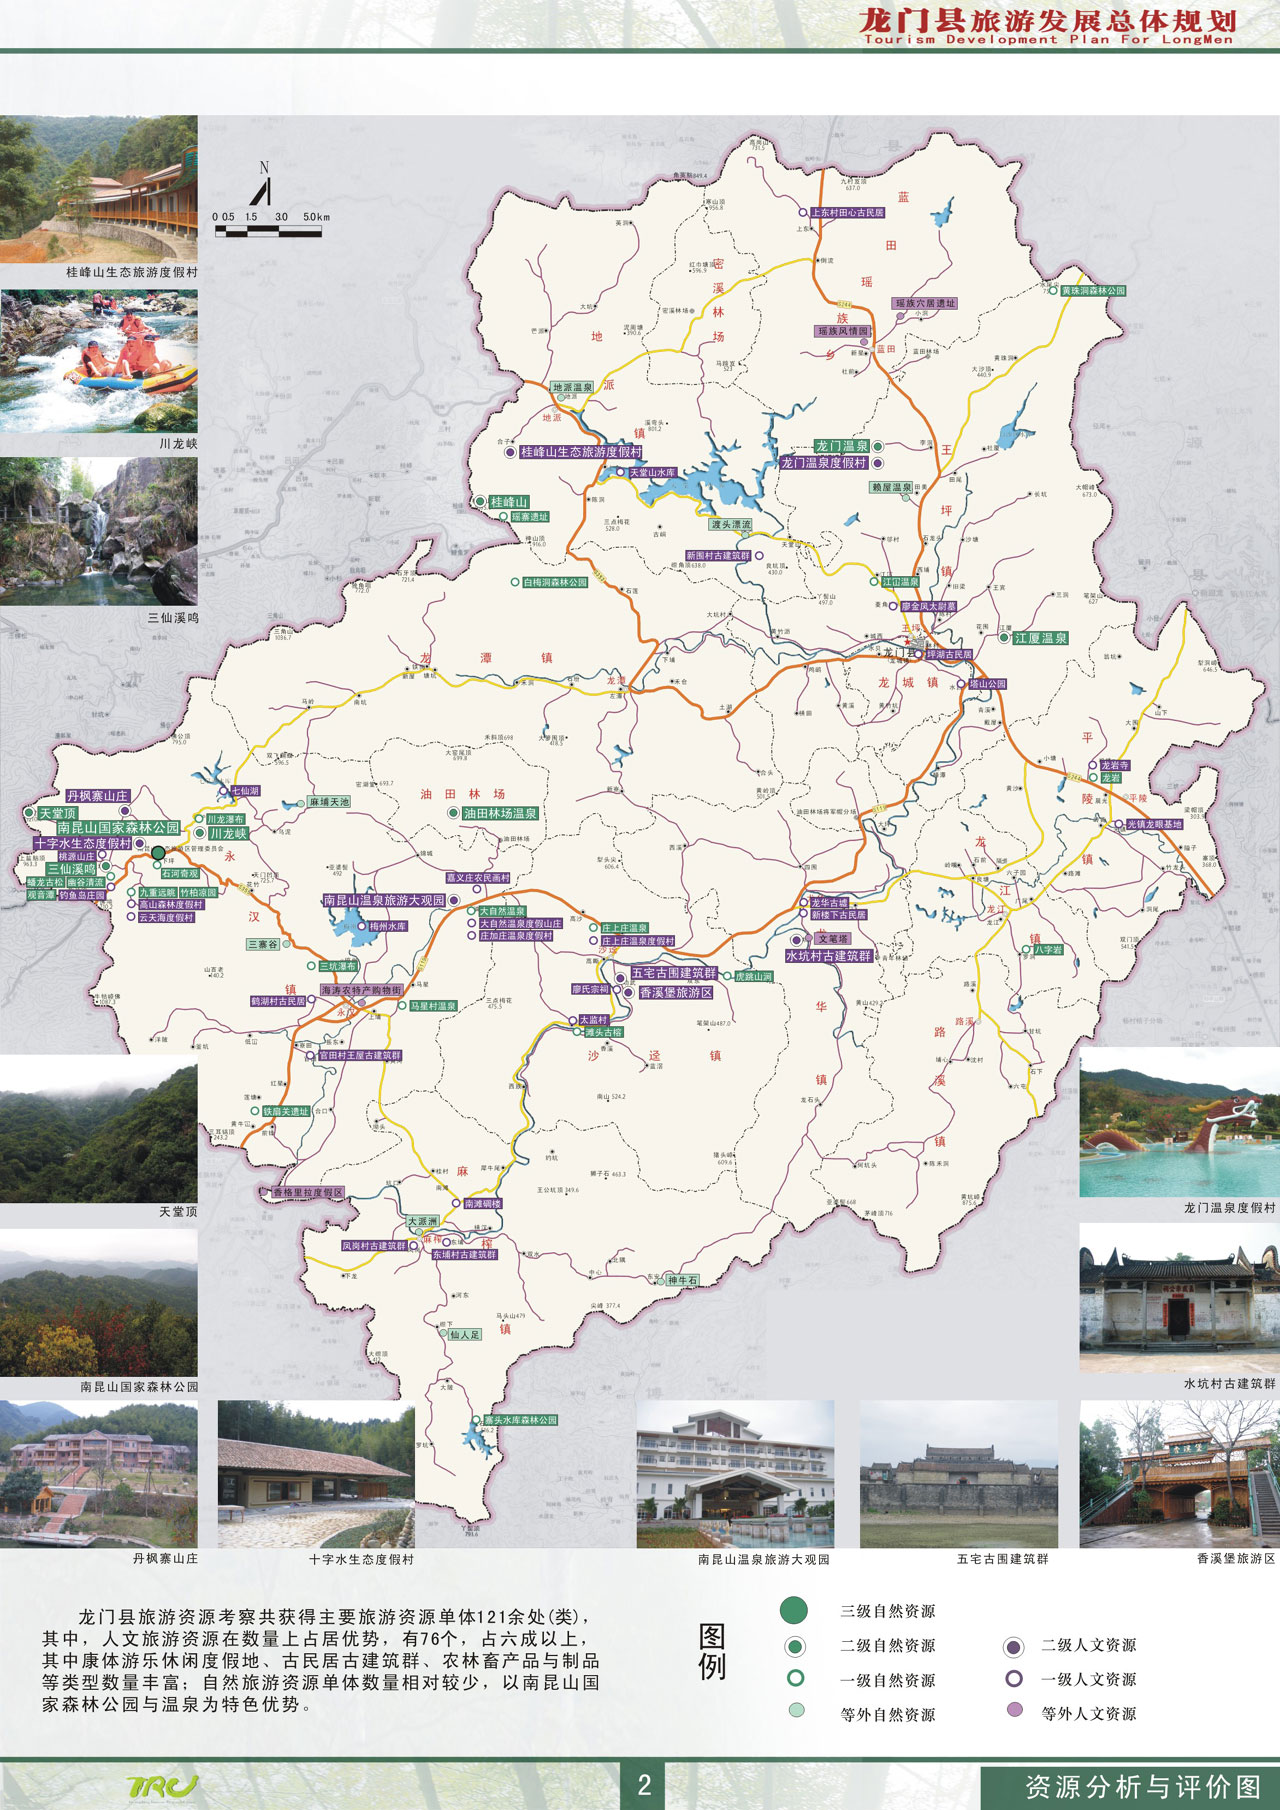 惠州市龙门县景点分布图(高清)